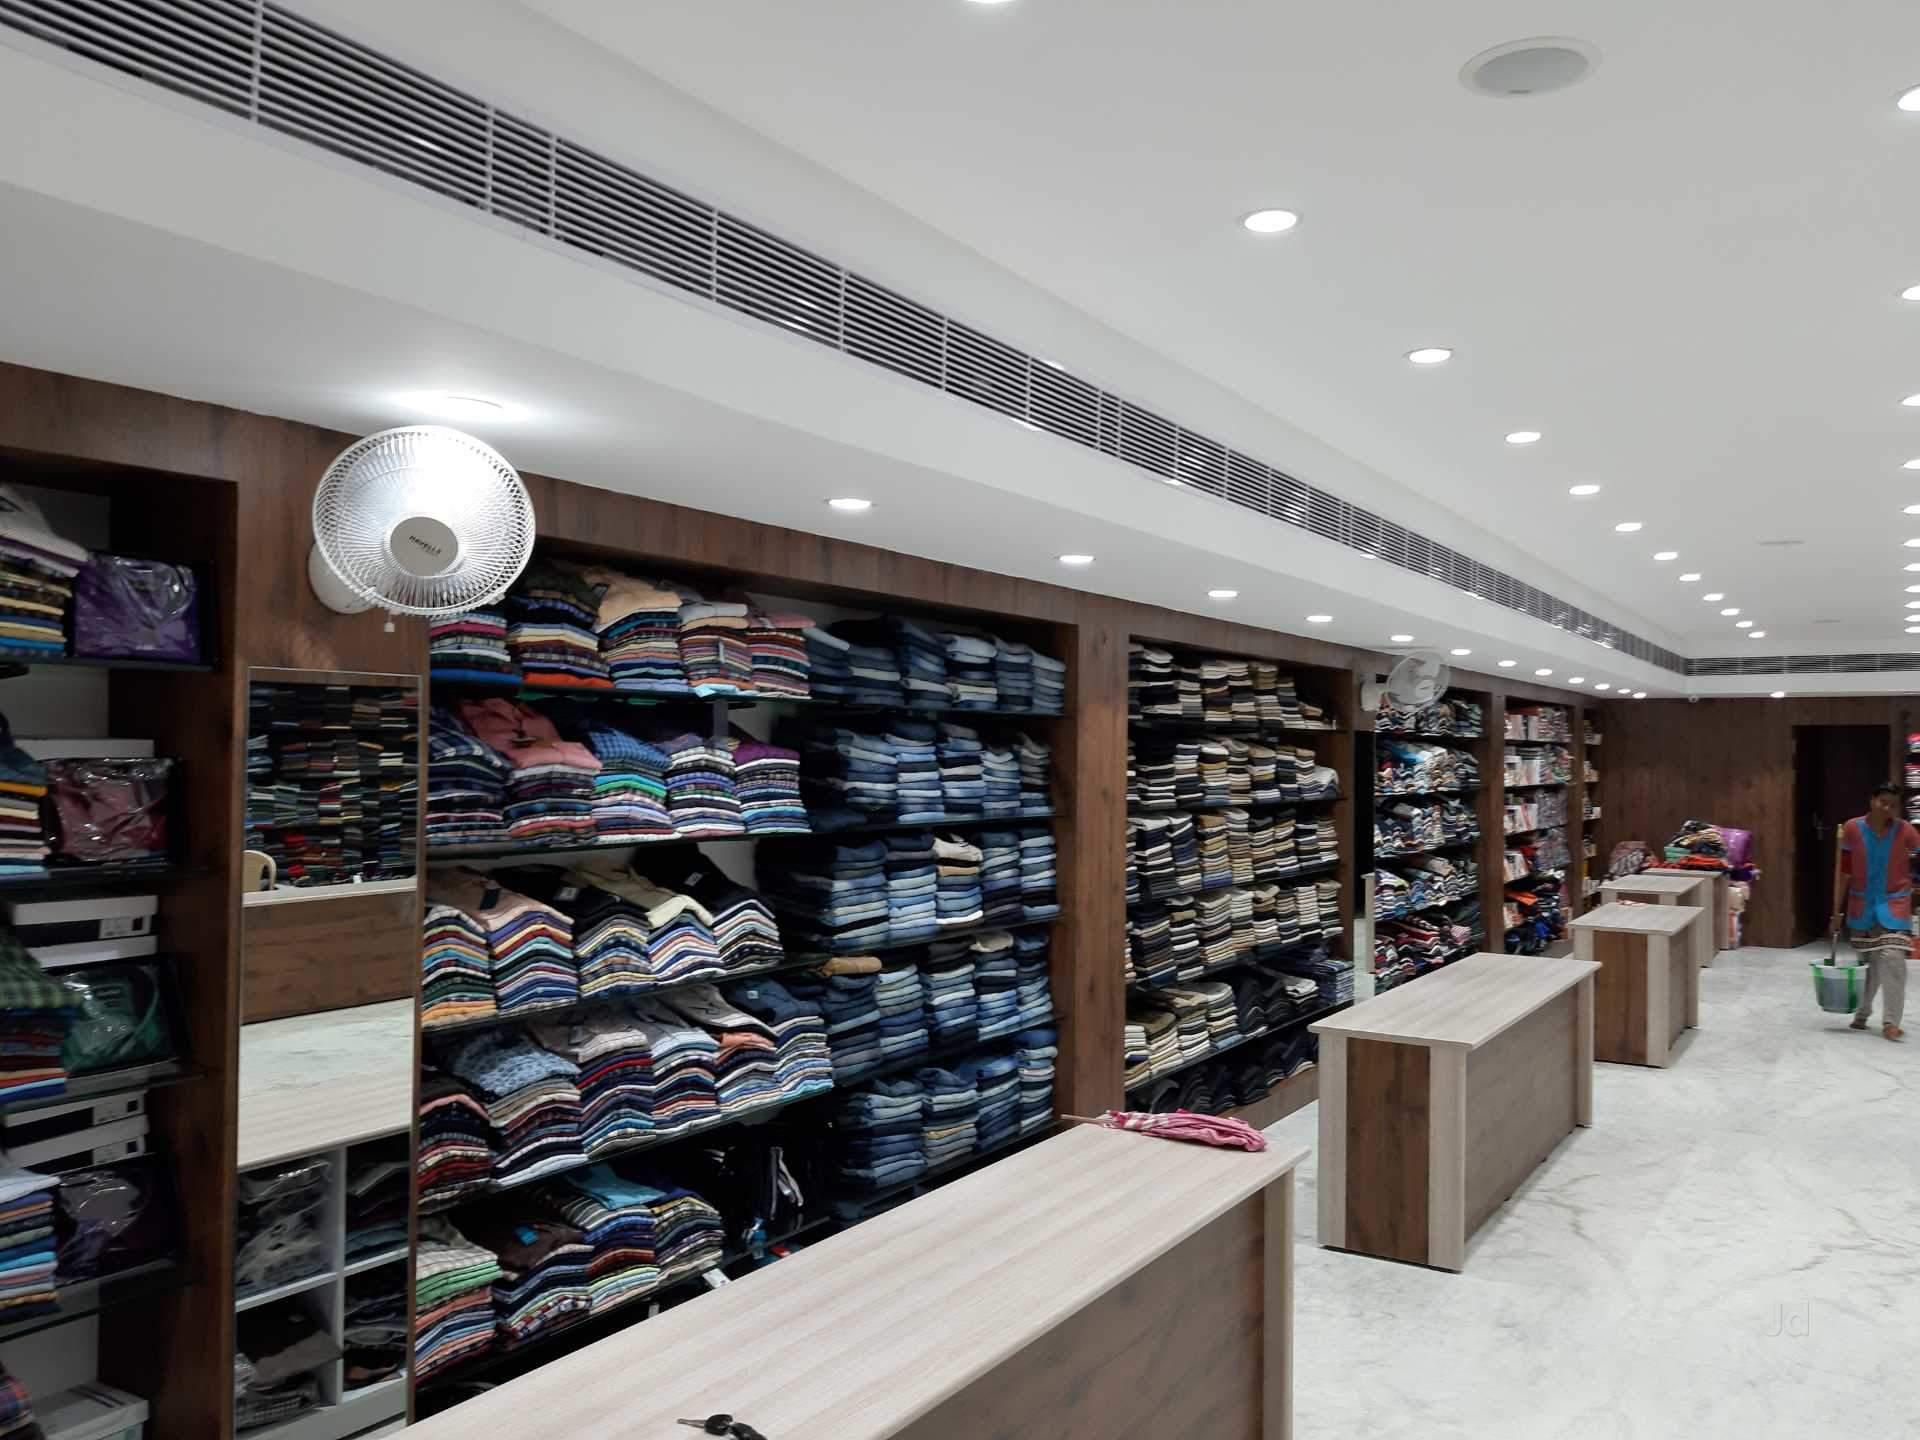 खादी ने रिकॉर्ड बिक्री दर्ज की कनॉट प्लेस स्थित आउटलेट में चौथी बार एक दिन में एक करोड़ रुपए से ज्यादा की बिक्री